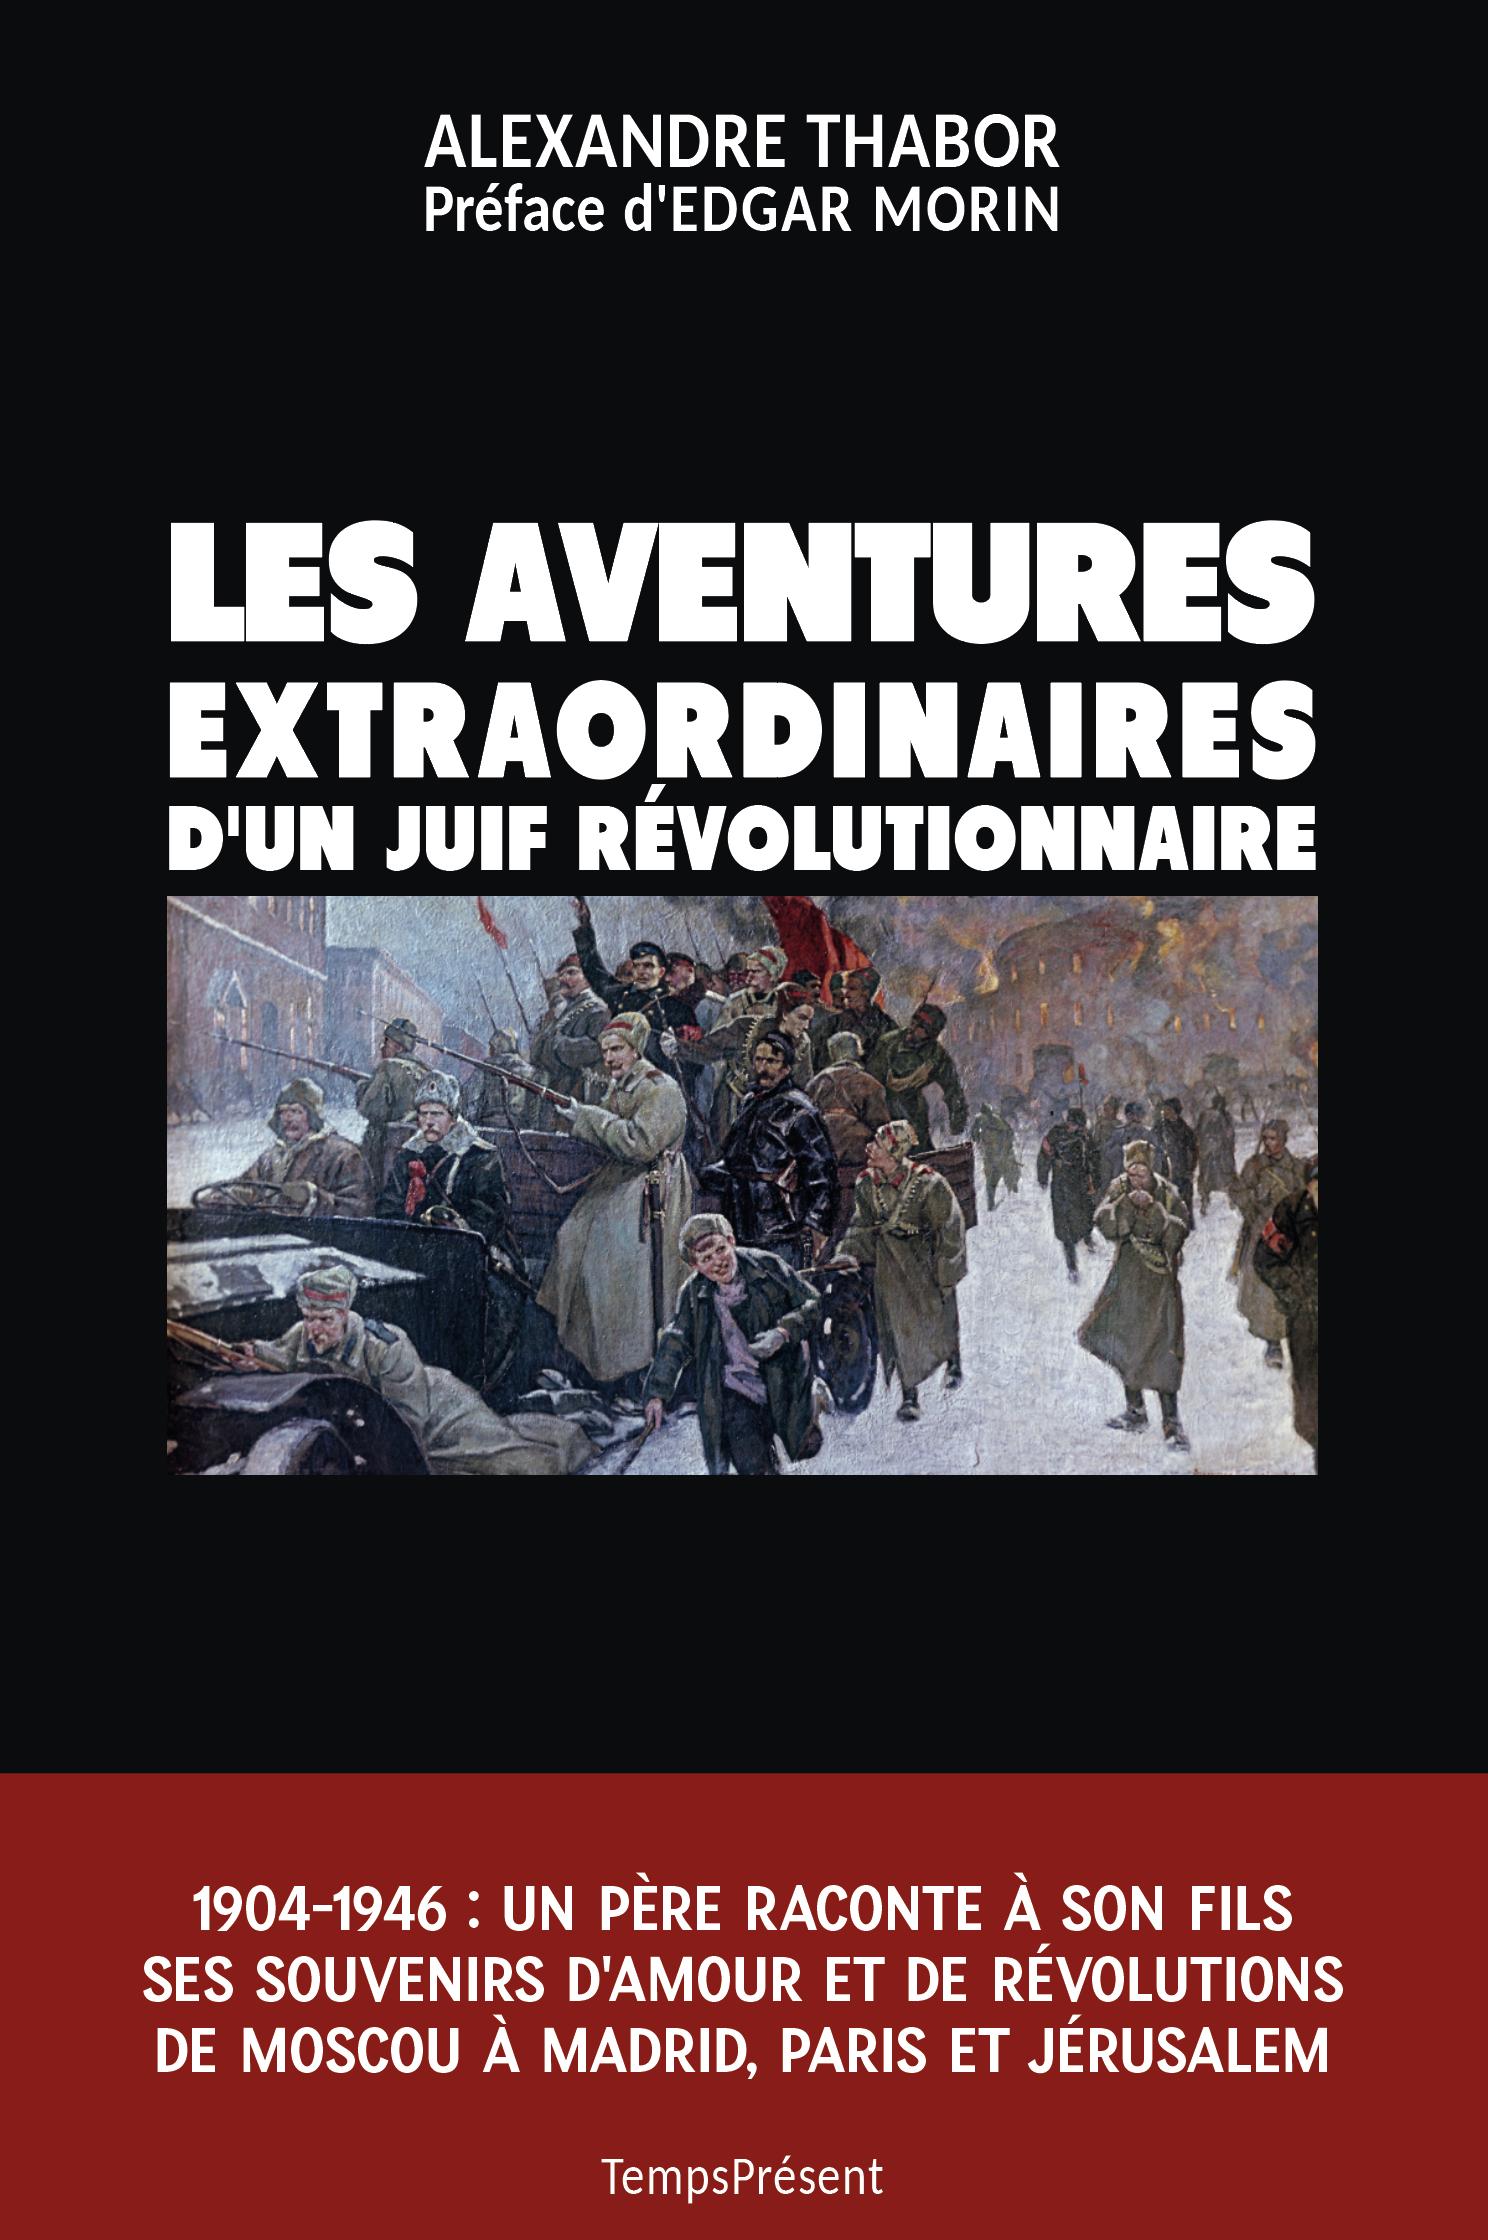 LES AVENTURES EXTRAORDINAIRES D'UN JUIF REVOLUTIONNAIRE